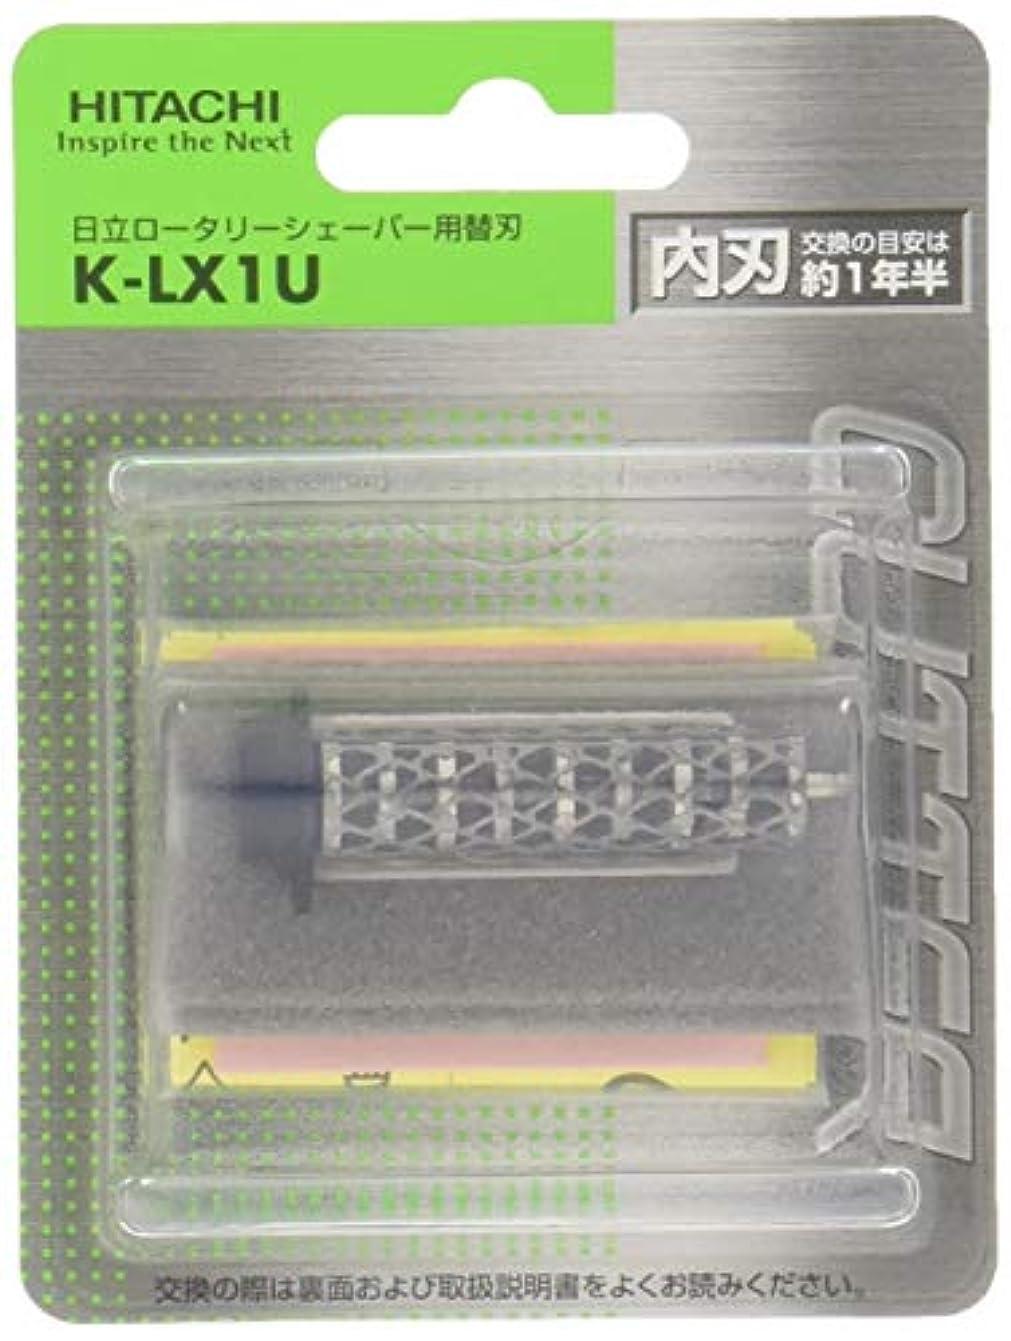 ファイル検索橋脚日立 シェーバー用替刃(内刃) K-LX1U